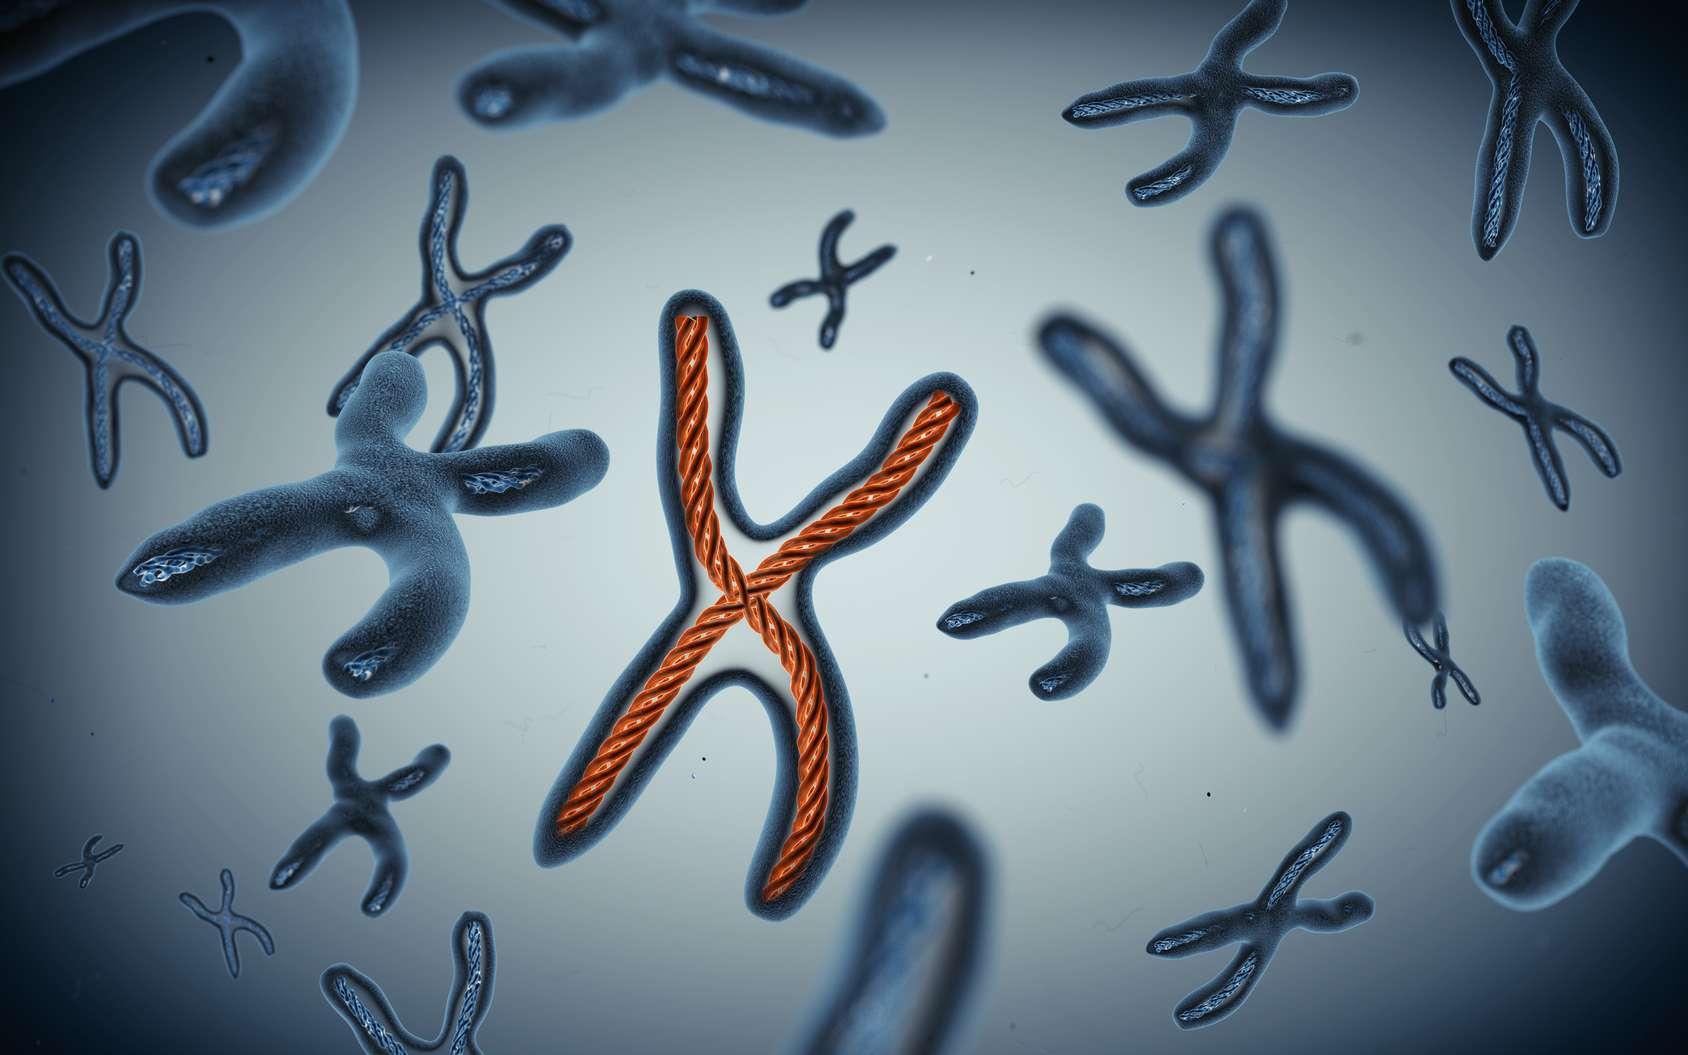 Les anomalies génétiques sont très courantes y compris chez les personnes saines. © doomu, Fotolia